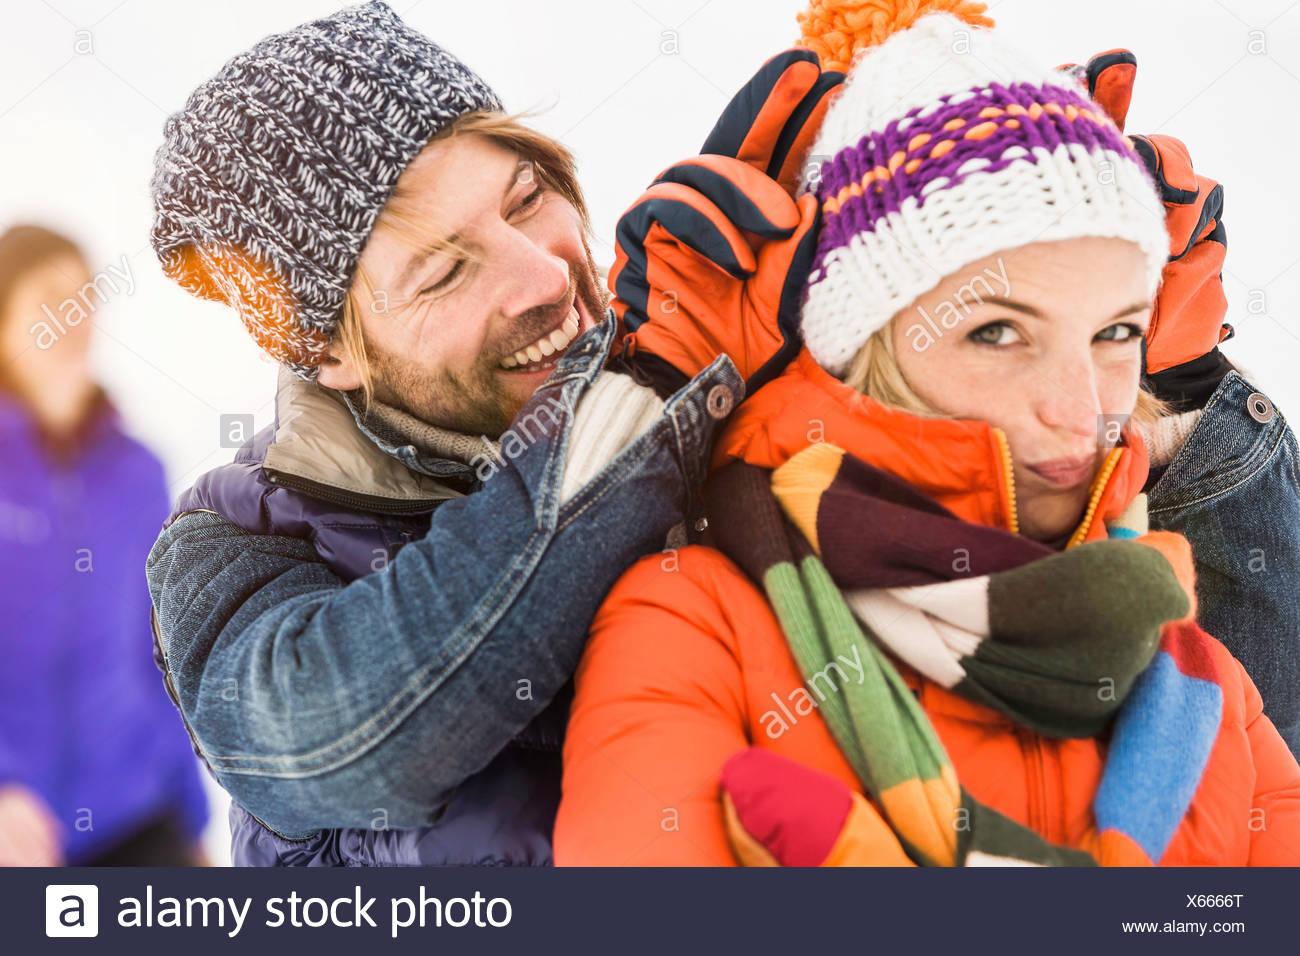 Uomo che fa orecchie di coniglietto dietro la donna che indossa knit hat Immagini Stock